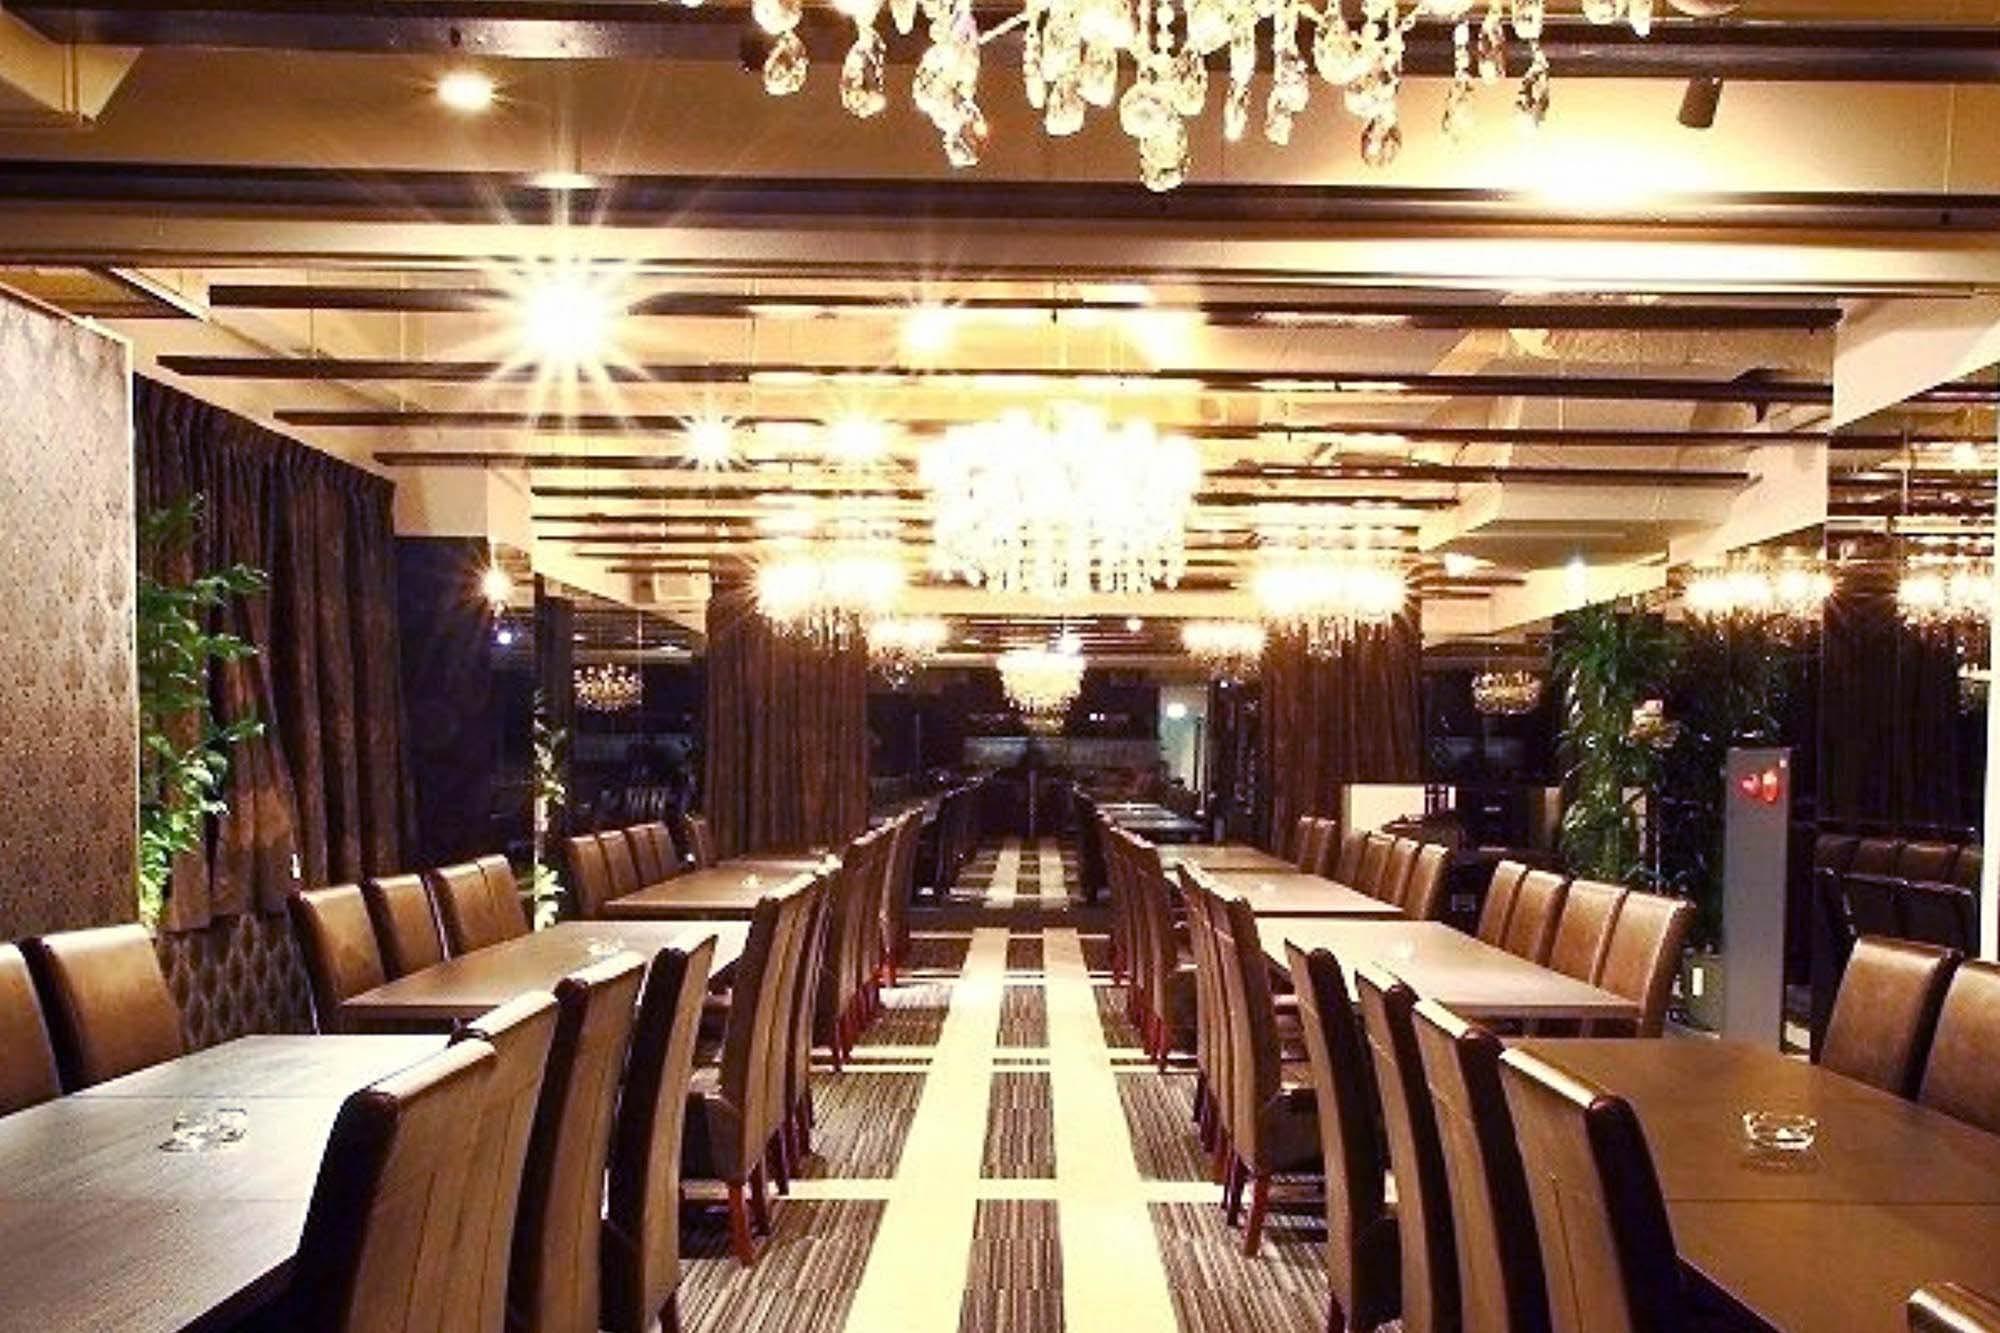 ���|IKI�| KYOTO TERAMACHI DINING